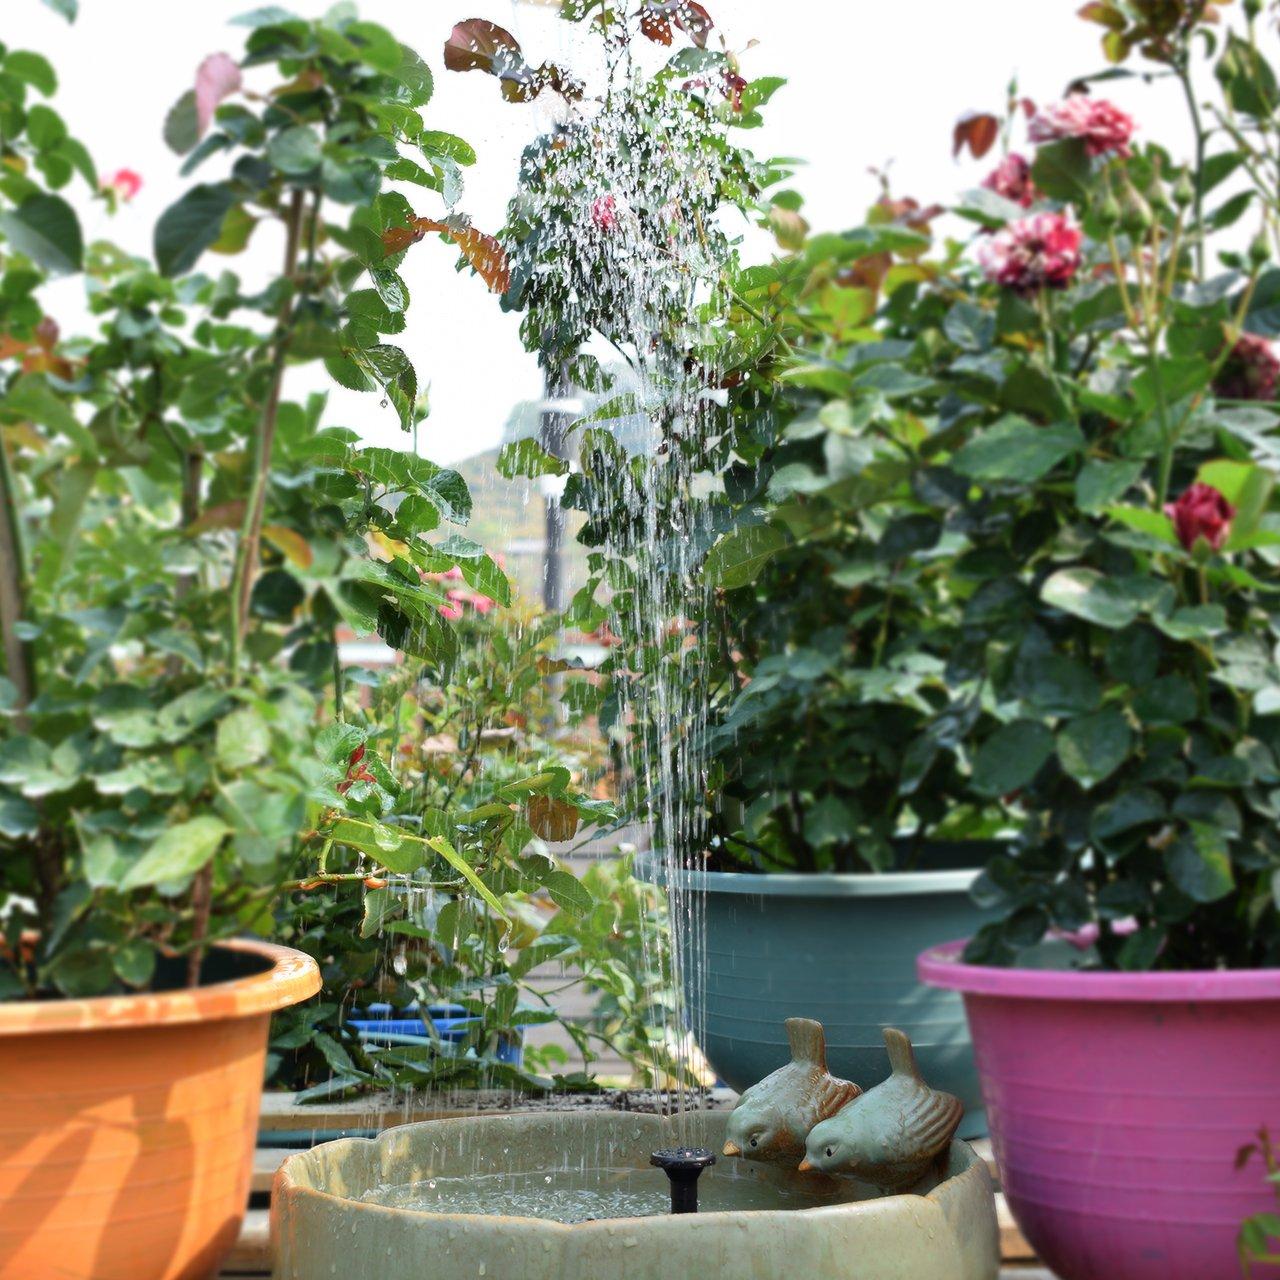 Gocheer Bomba de Agua Solar Sumergible, Independiente y Flotante, de 1.8W, con 4 rociadores para Diferentes flujos de Agua, baños de Aves, estanques pequeños y circulación de Agua